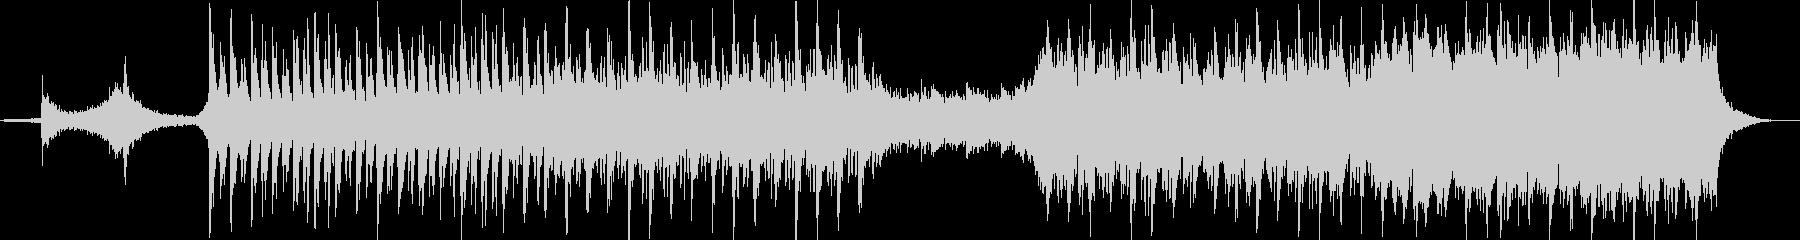 深い弦の歌詞ピアノ、パワフルなウェーの未再生の波形